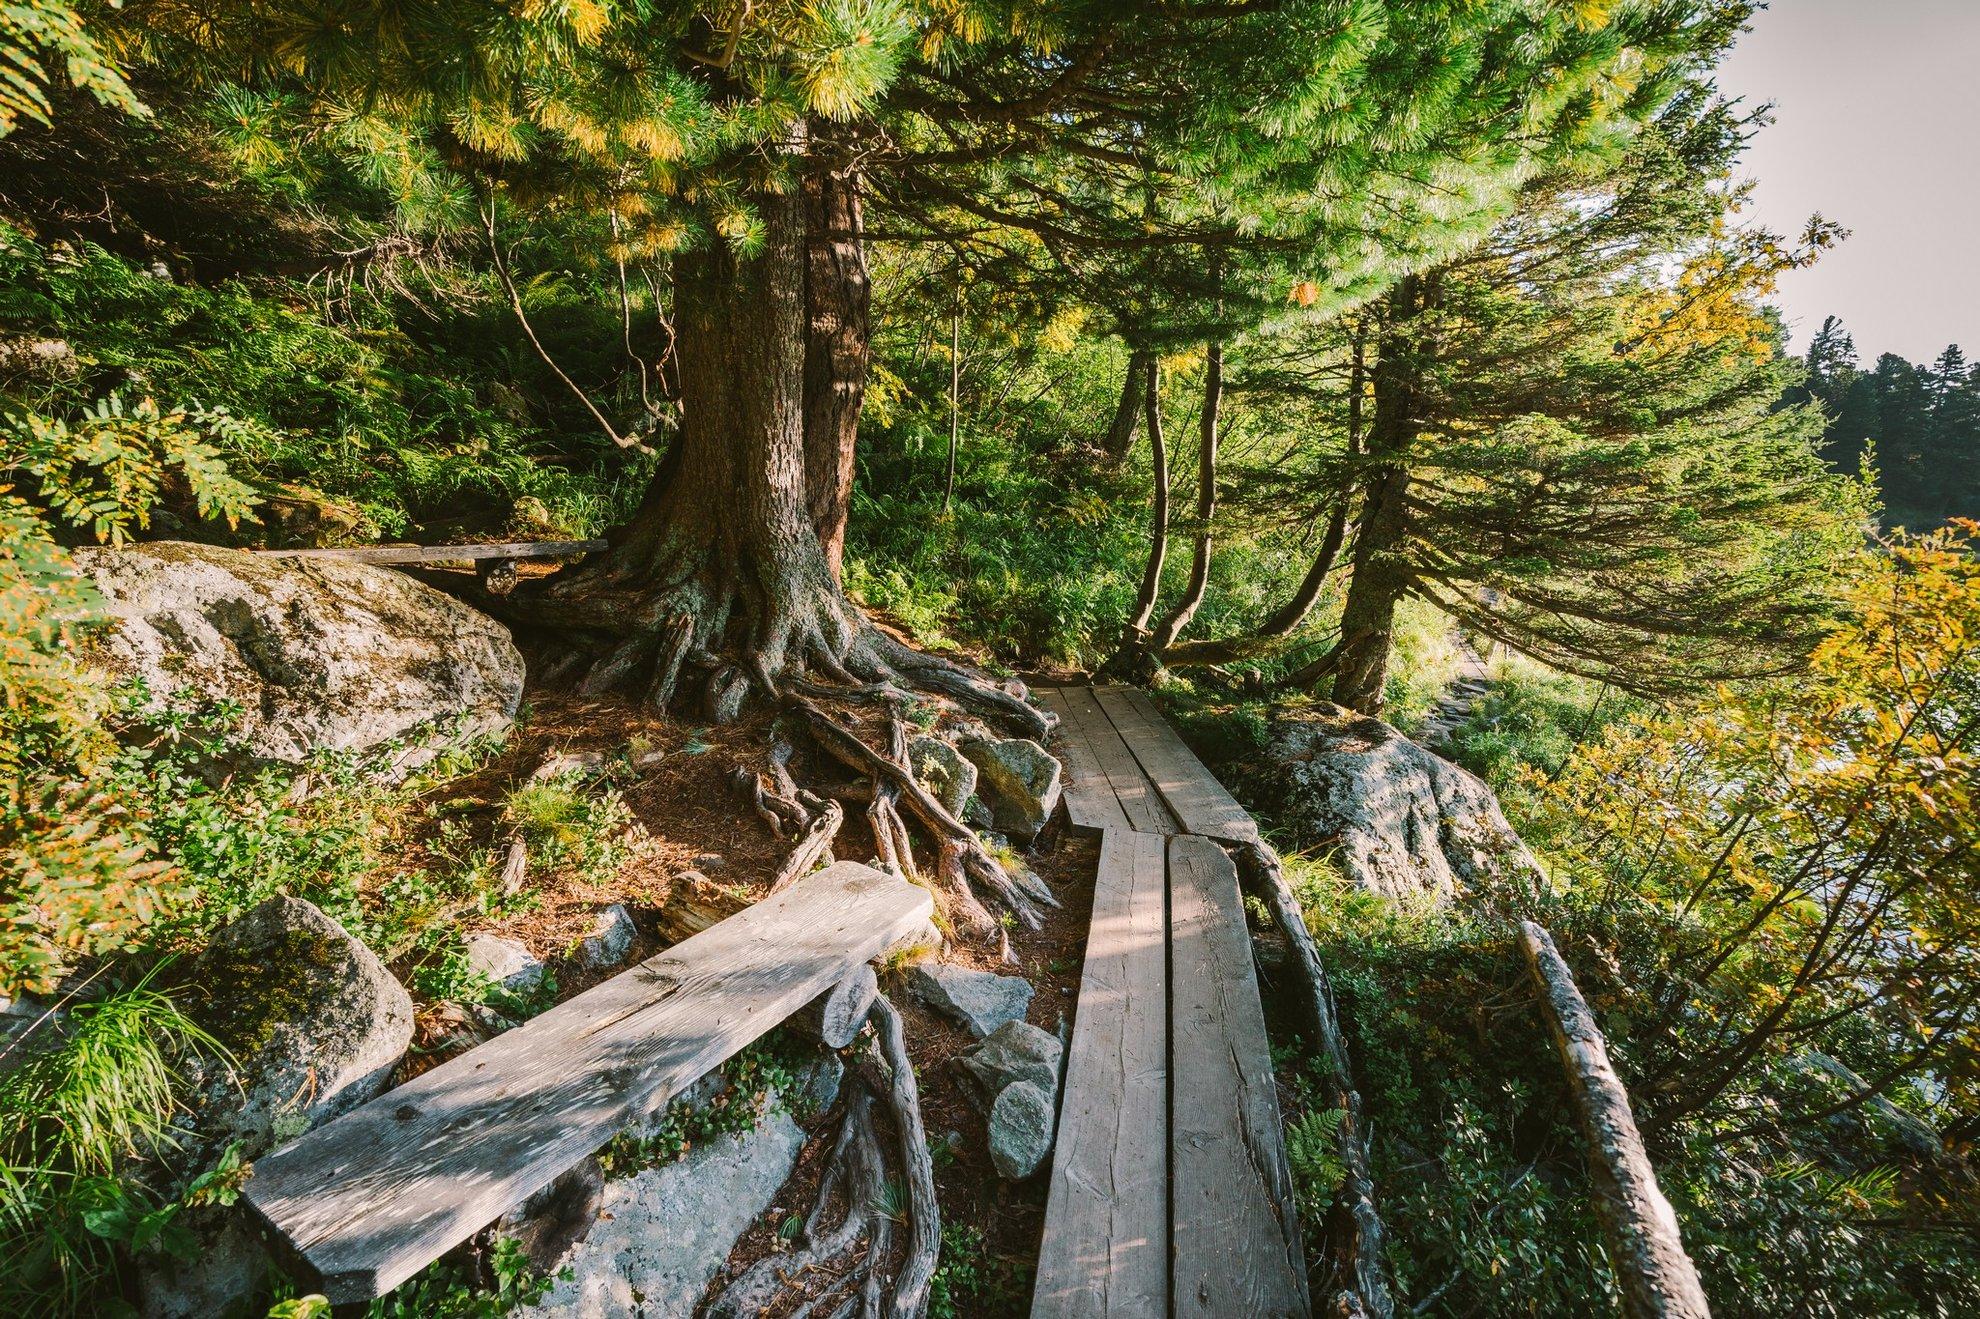 Kiépített ösvények az egyébként háborítatlan erdőben